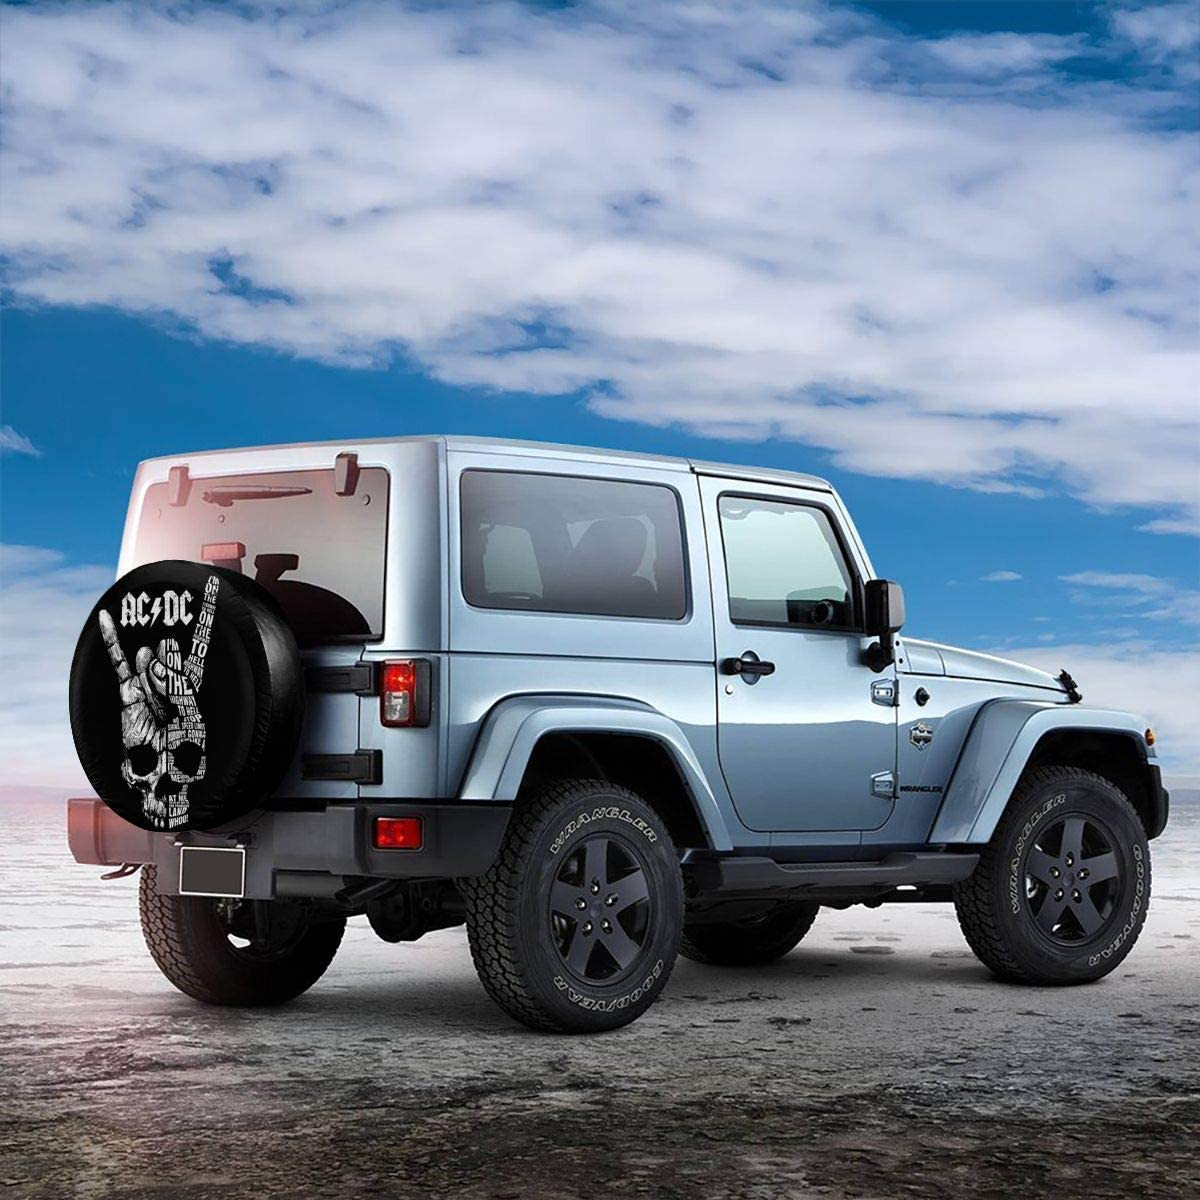 Cubiertas de Rueda para Remolque Accesorios de Remolque SUV RV Ives Jean Cubierta de Rueda de Repuesto Universal de poli/éster Potable ACDC